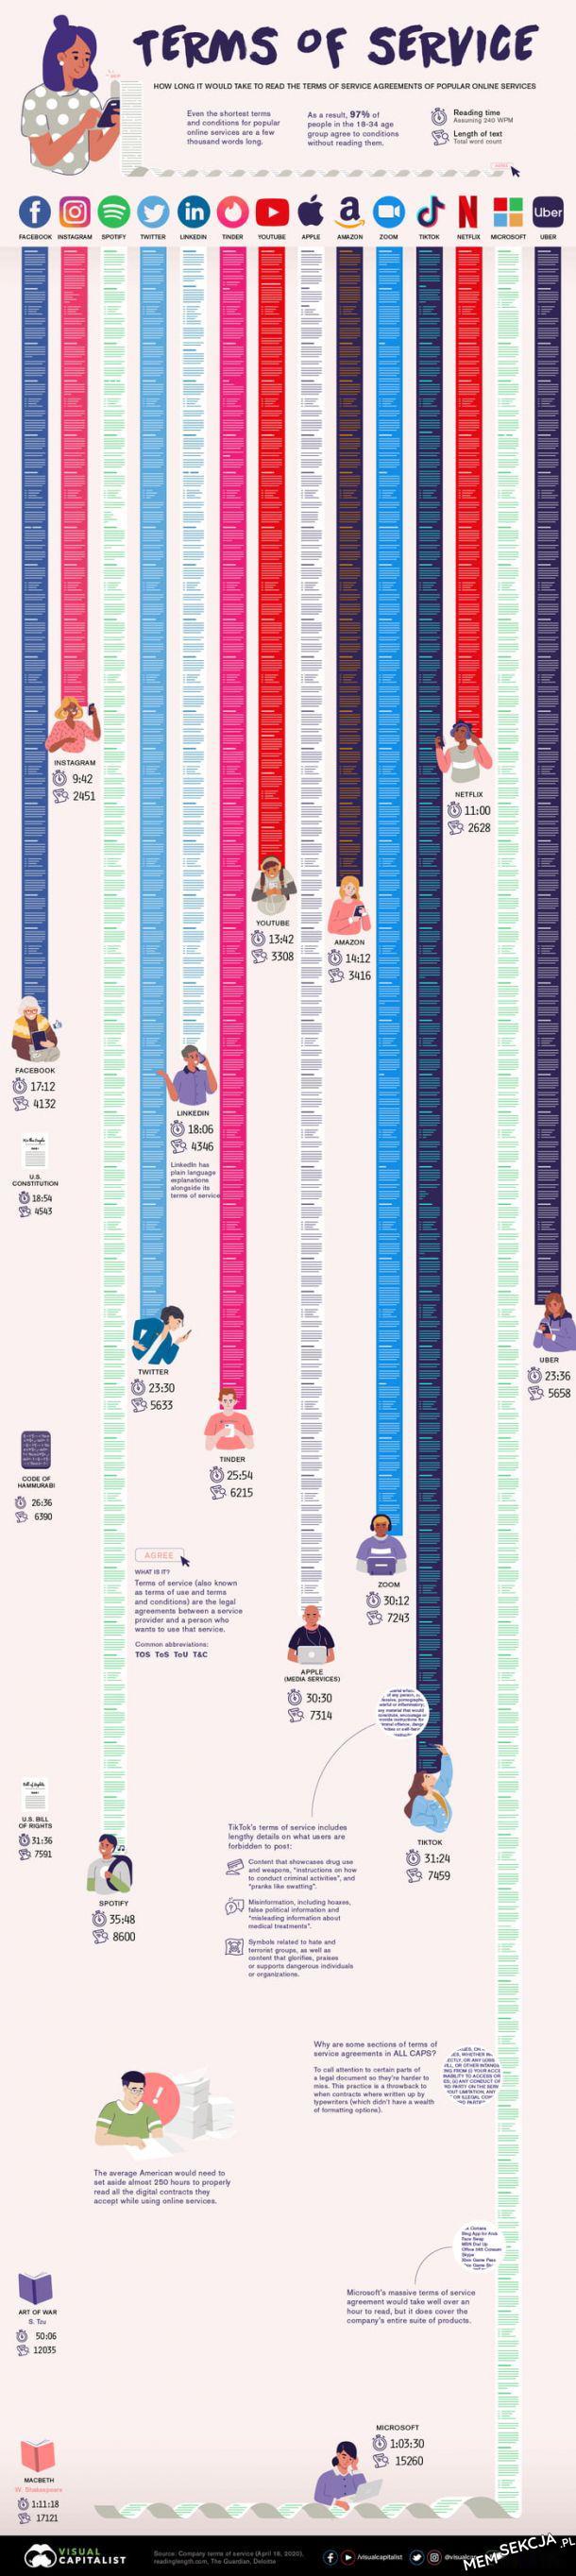 Długość regulaminów popularnych serwisów